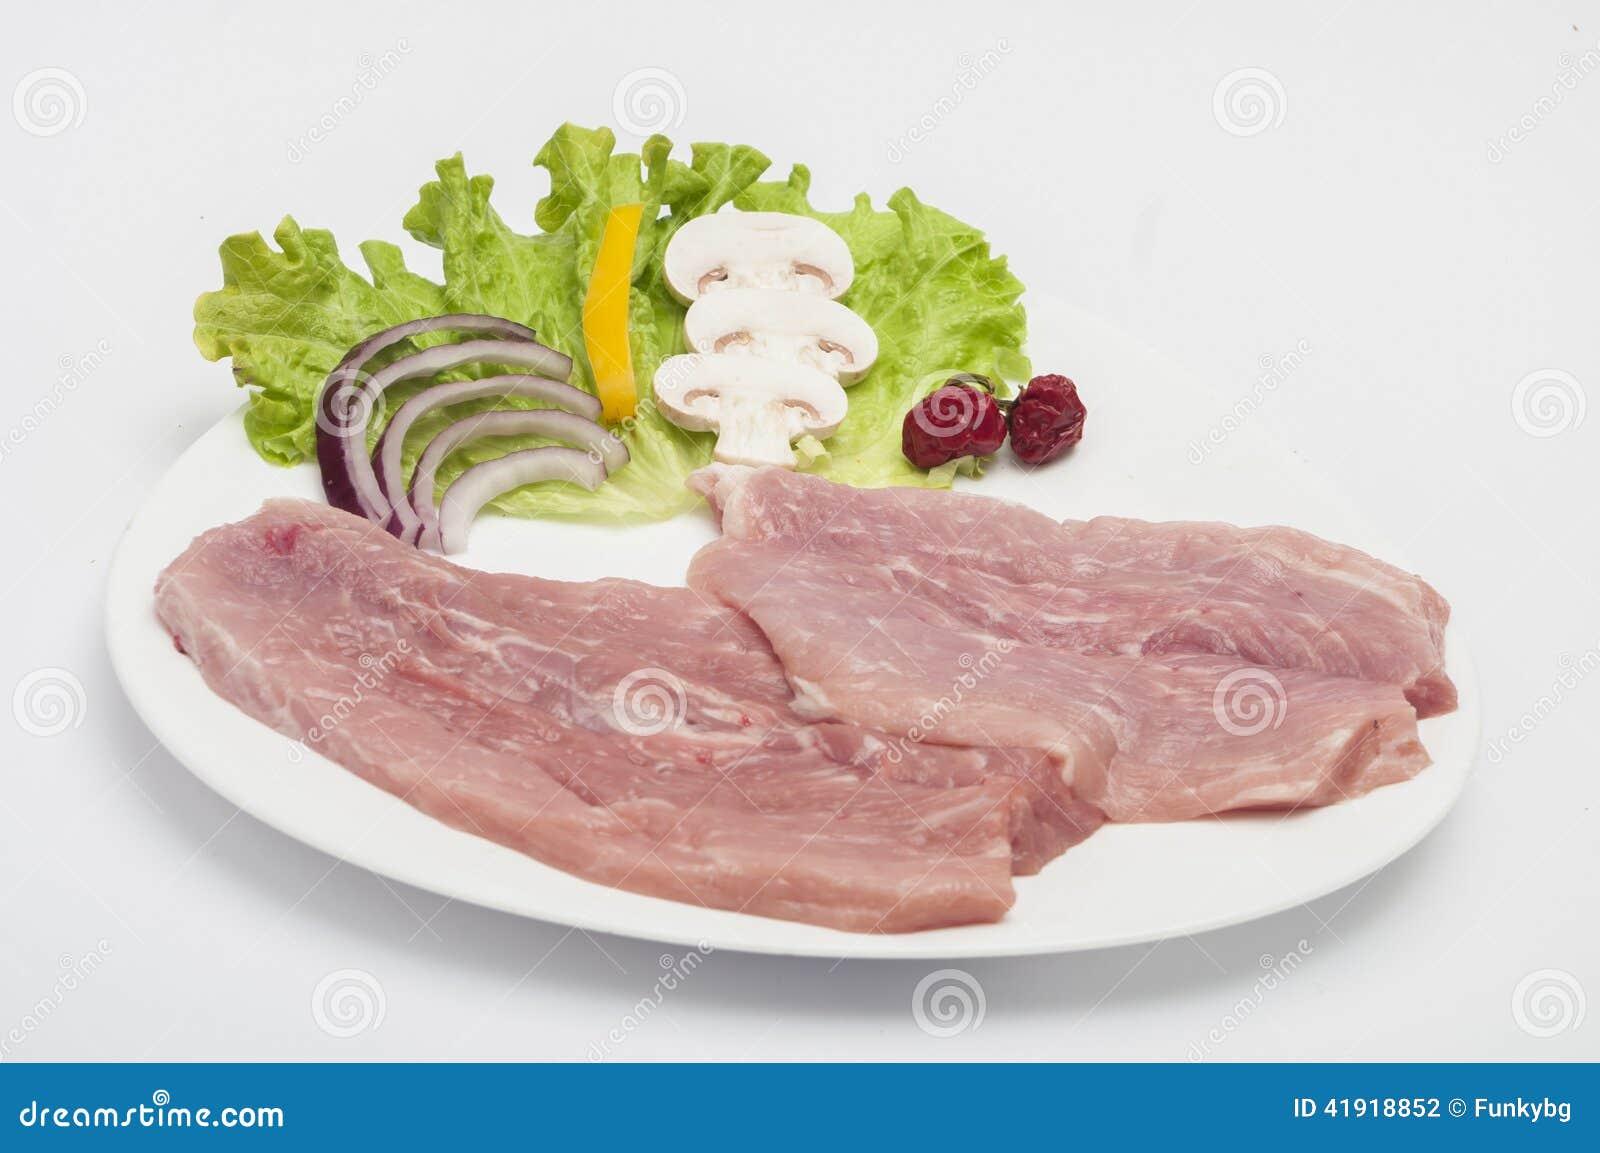 Carne de cerdo sin procesar aislada